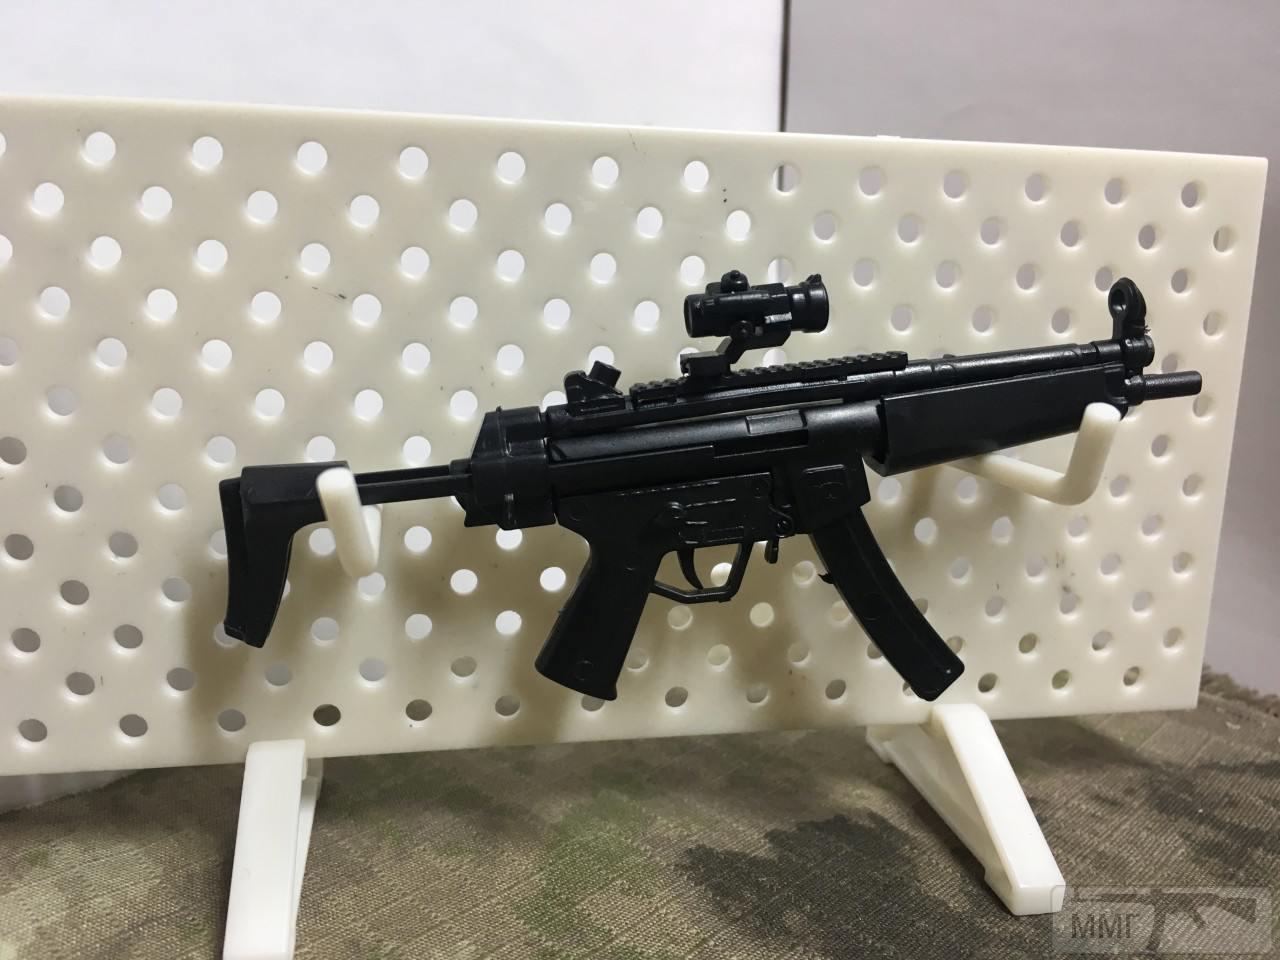 54001 - Макеты оружия/ модели 1:6